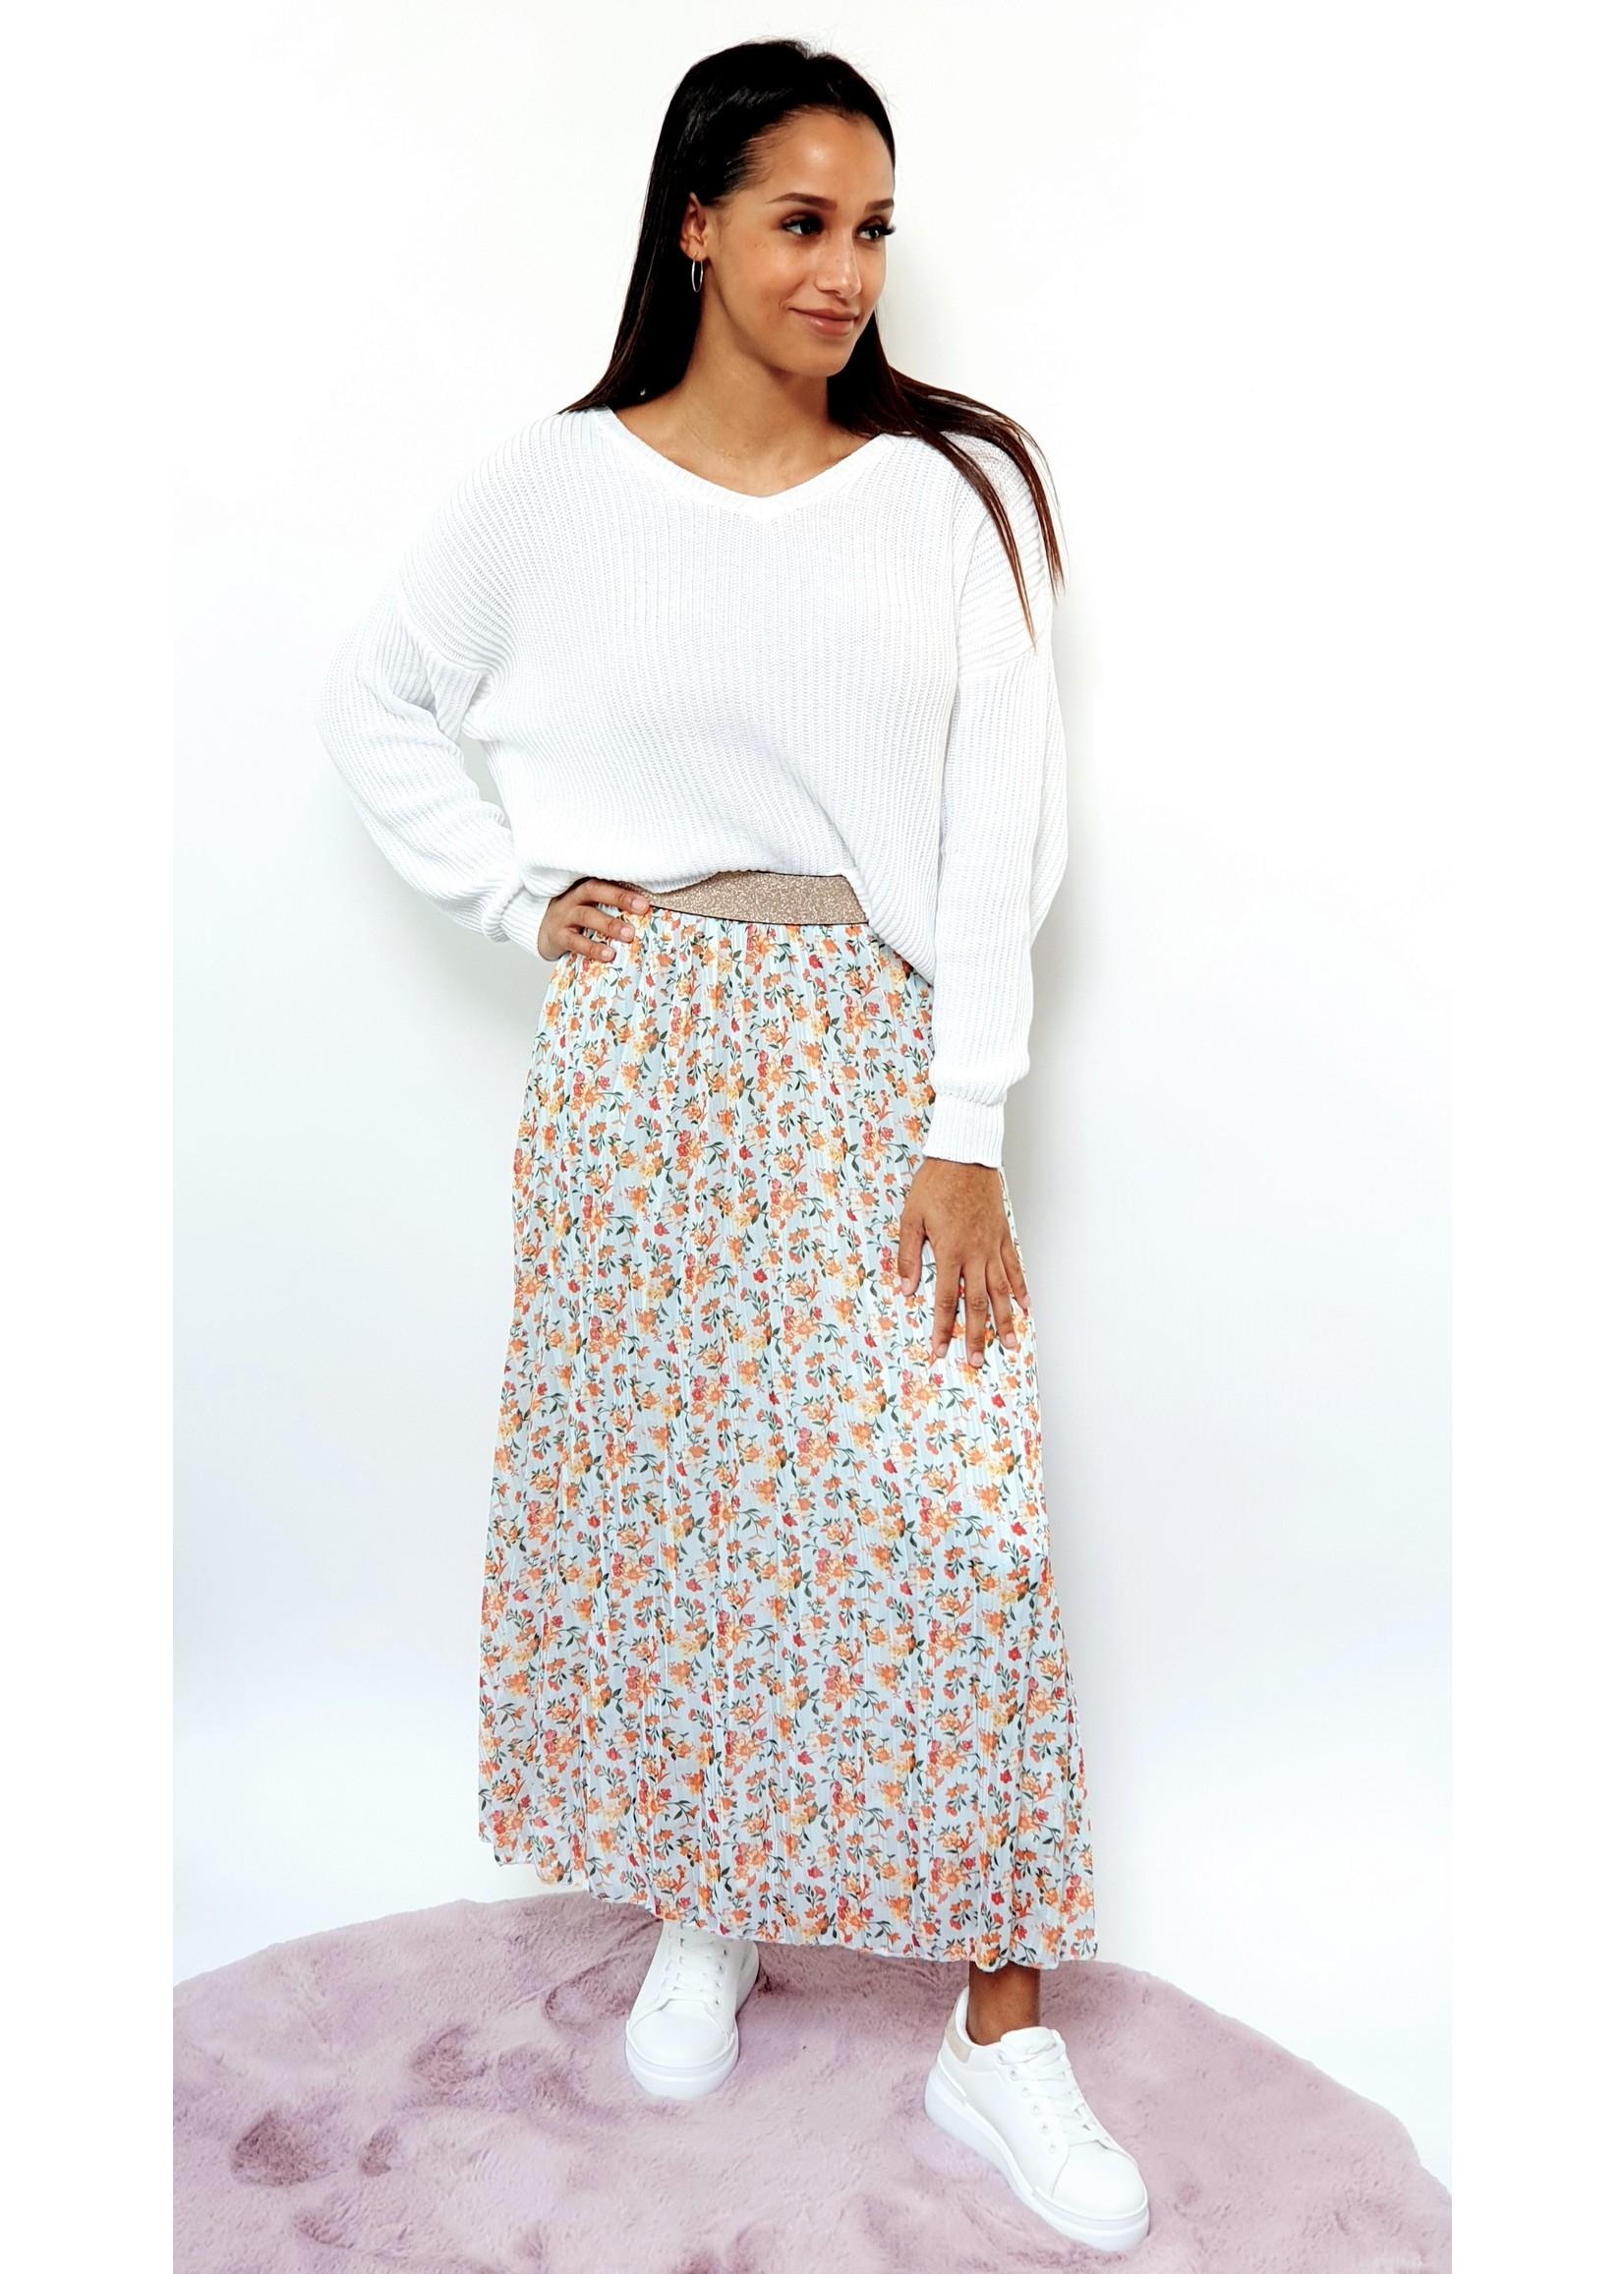 Thé flowergarden skirt